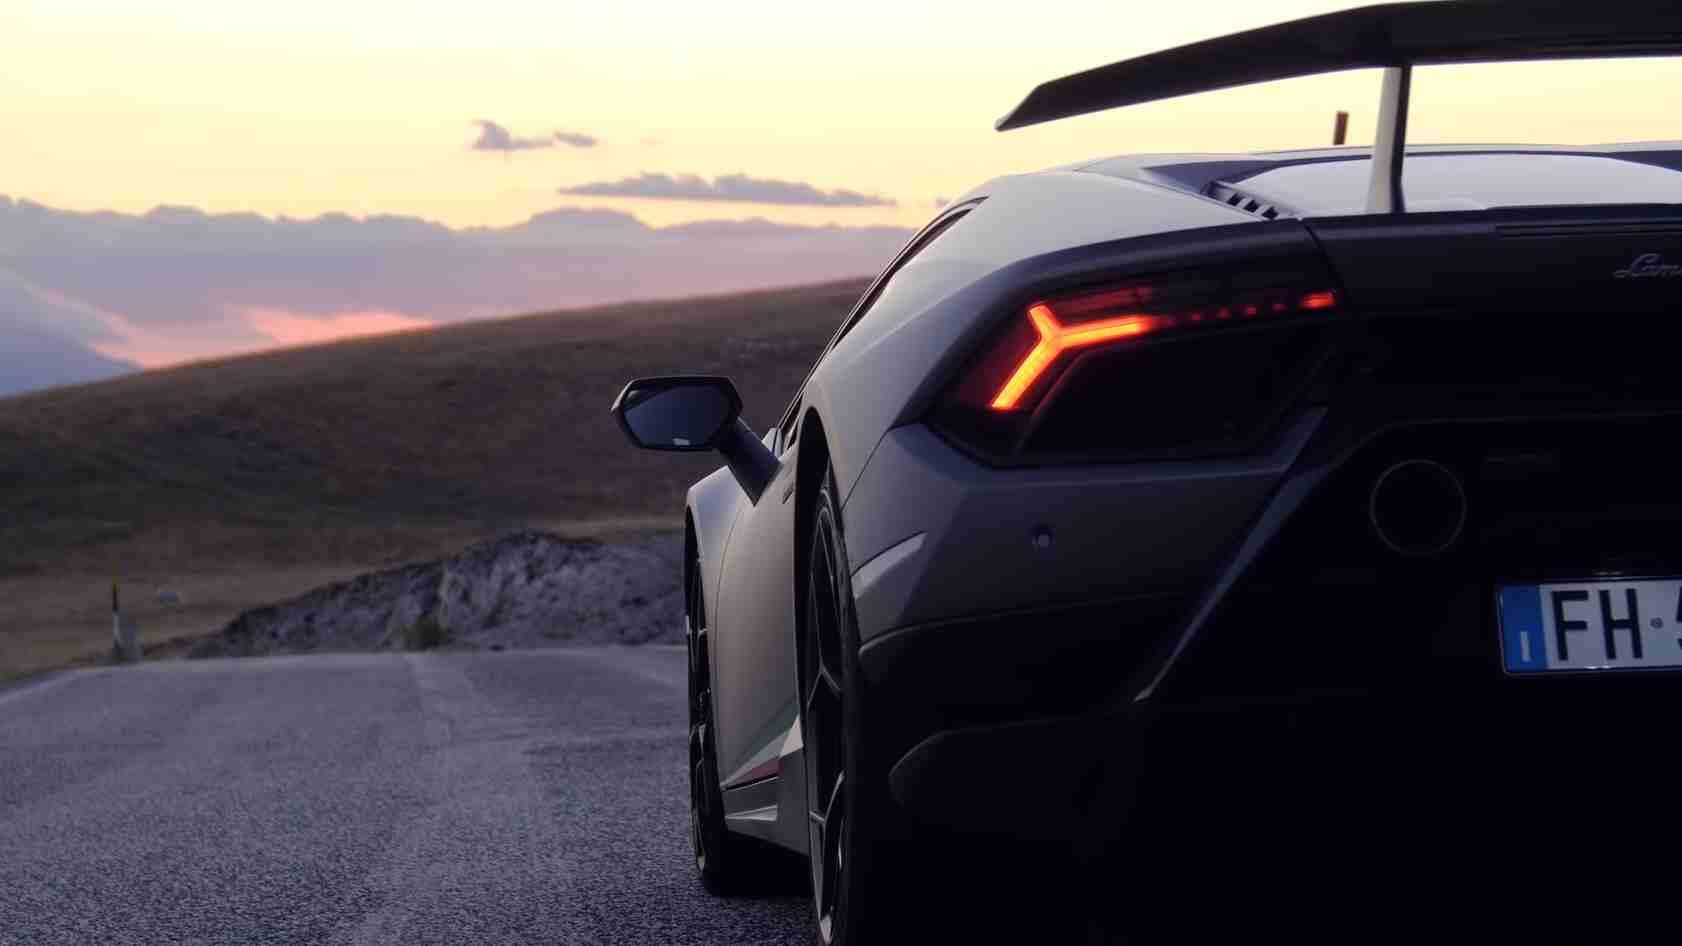 Quanto costerebbe comprare una Lamborghini? Ecco il prezzo di un sogno